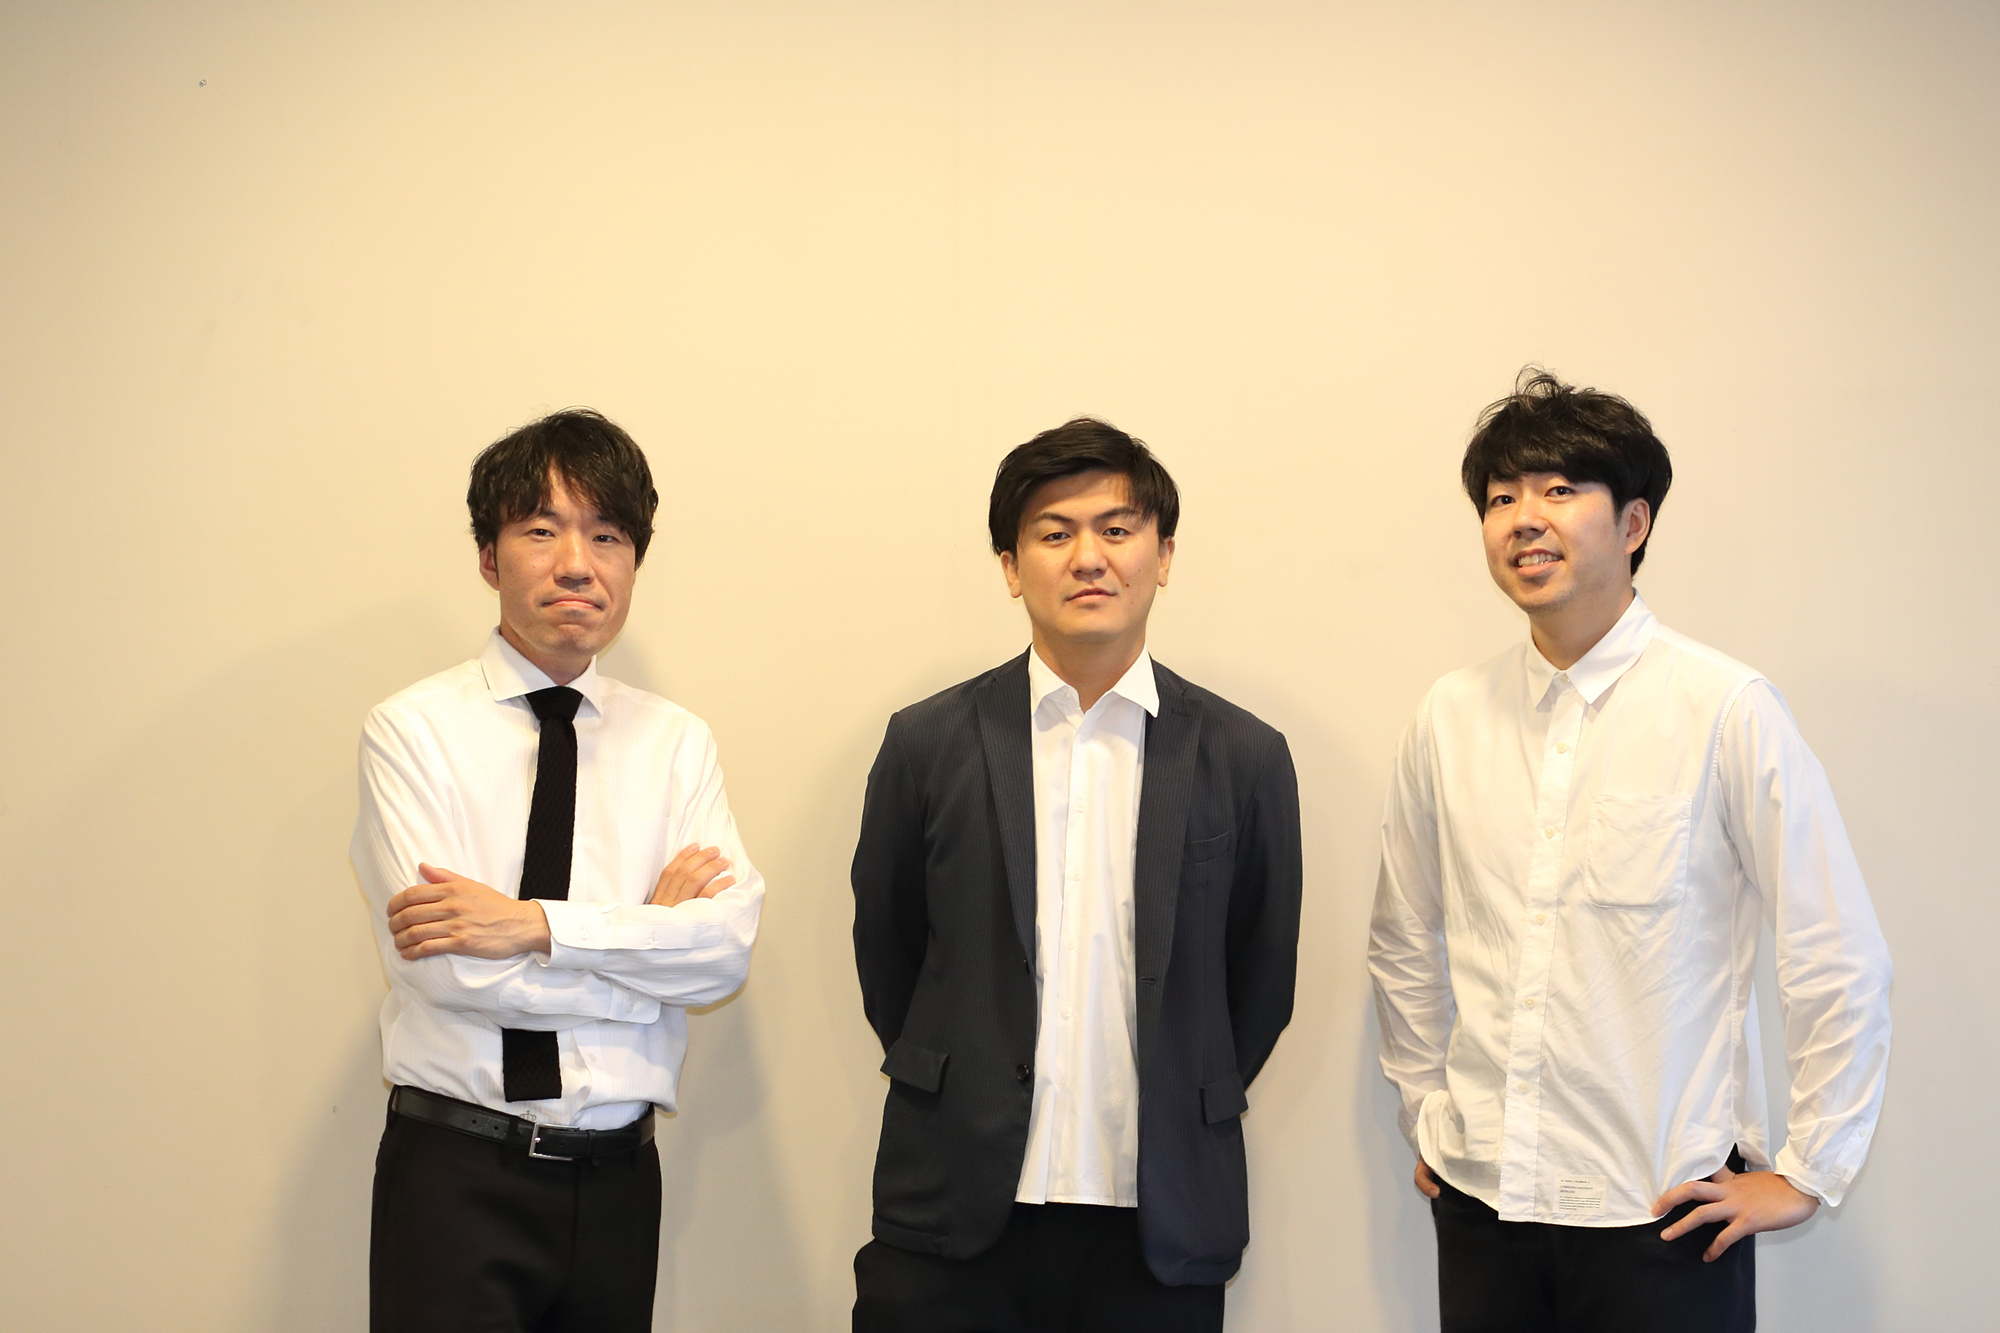 dot studioのメンバー。増山さん(左)、沼さん(中央)、上野さん(右)